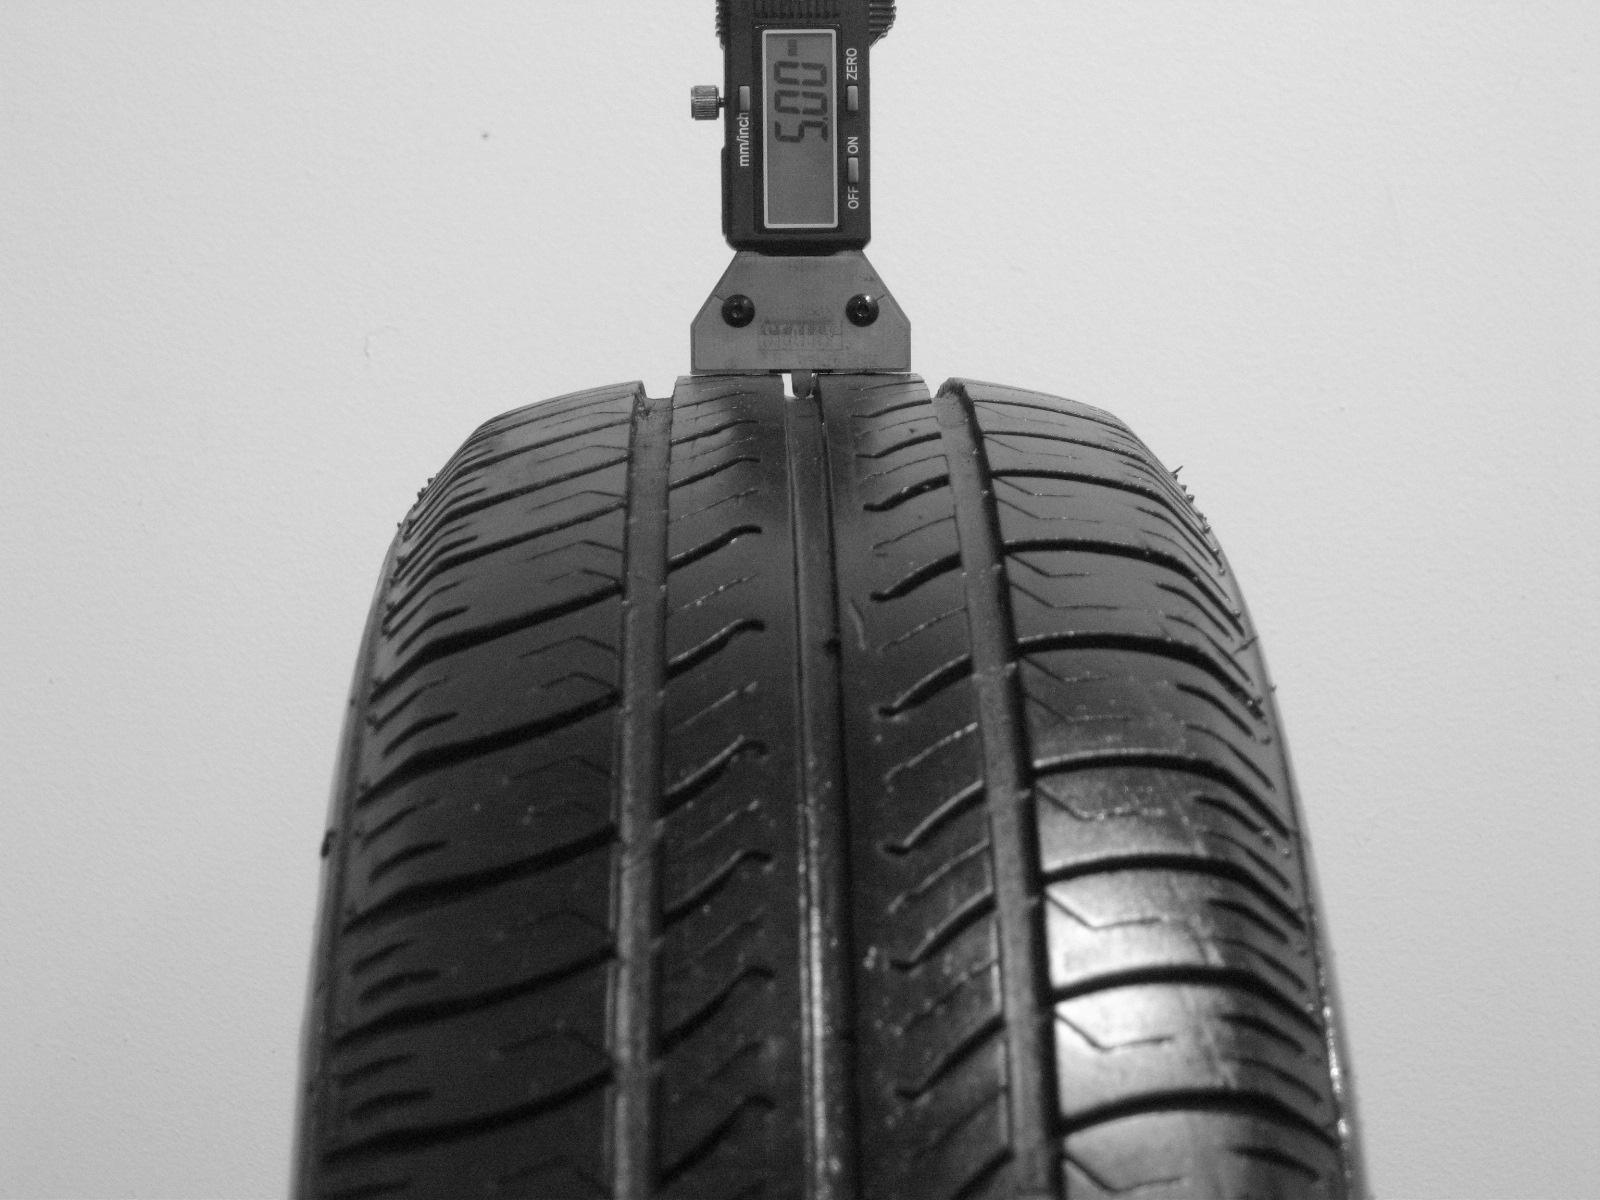 Použité-Pneu-Bazar - 175/70 R13 KLEBER VIAXER -kusovka-rezerva 3mm